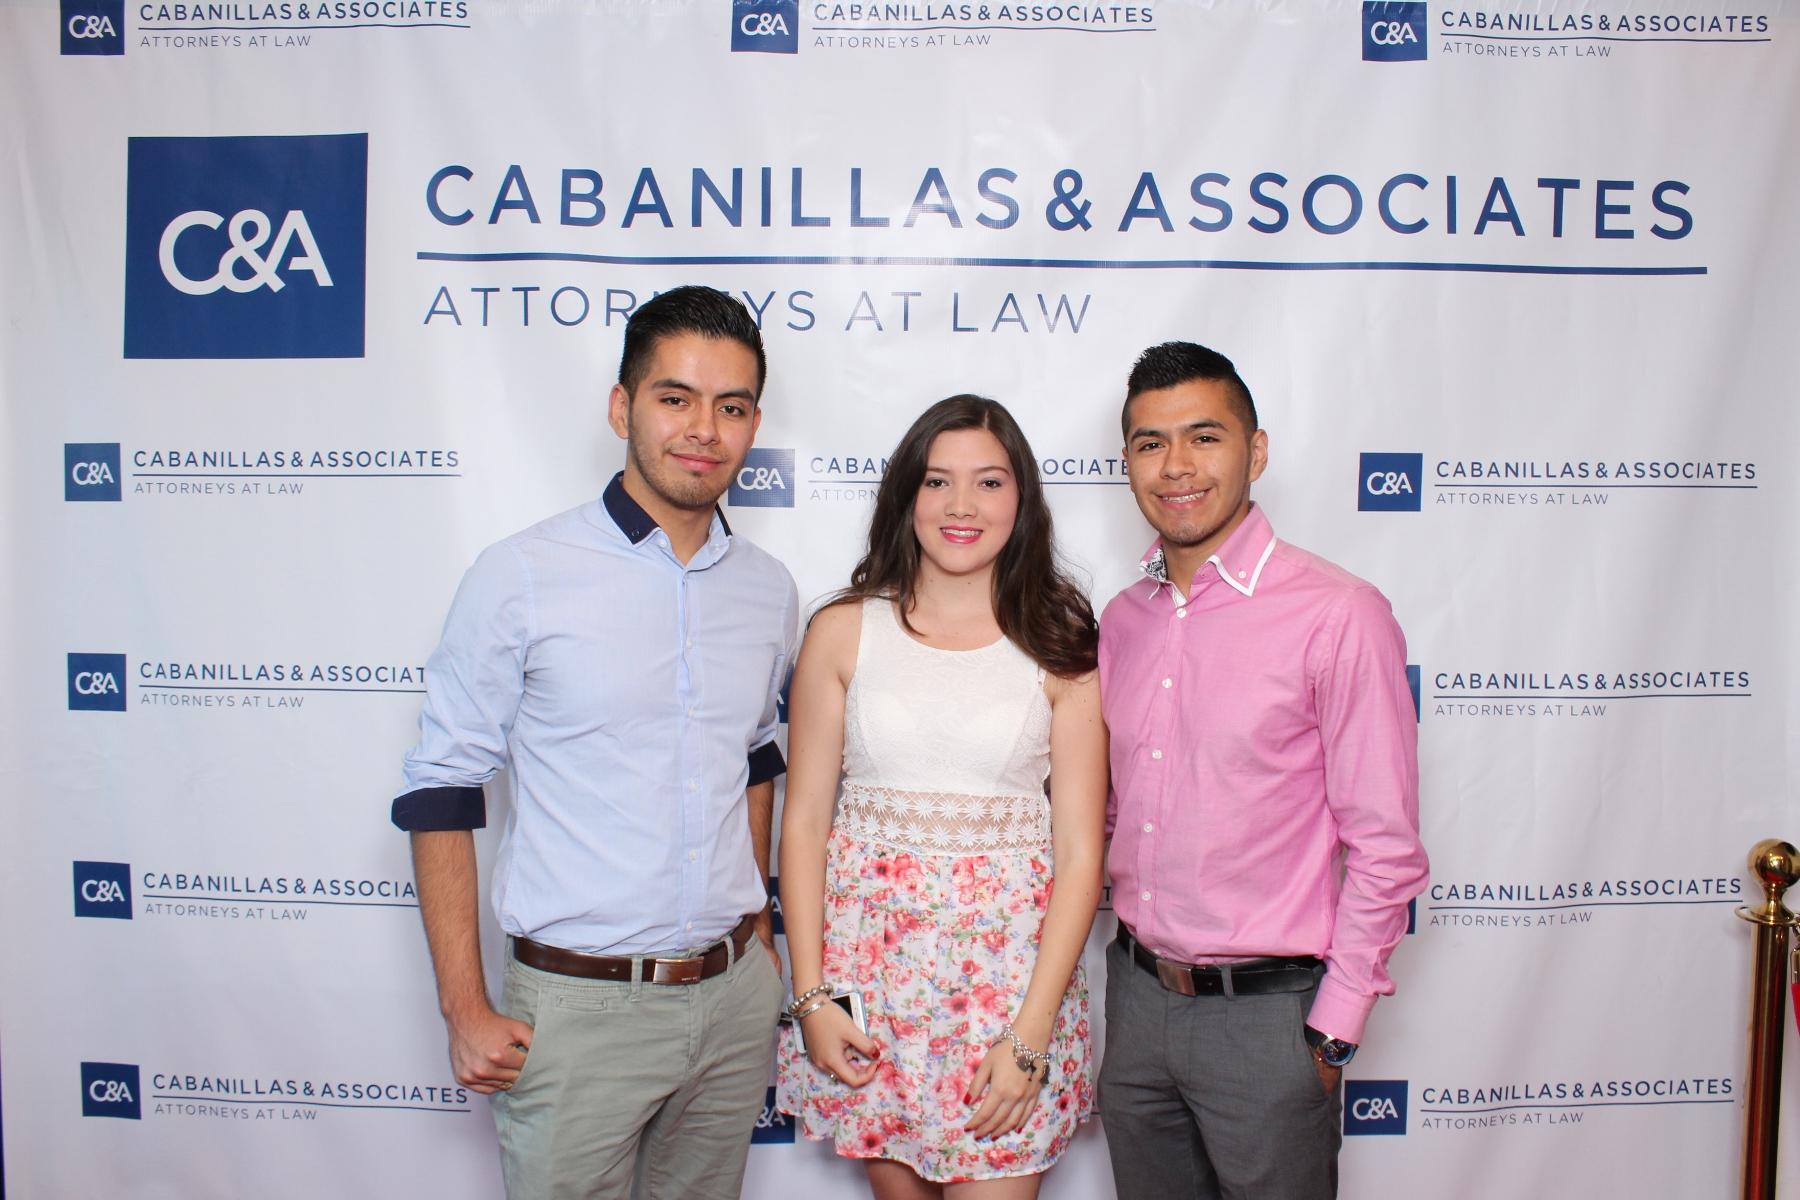 Cabanillas_2016-06-16_18-33-44.jpg